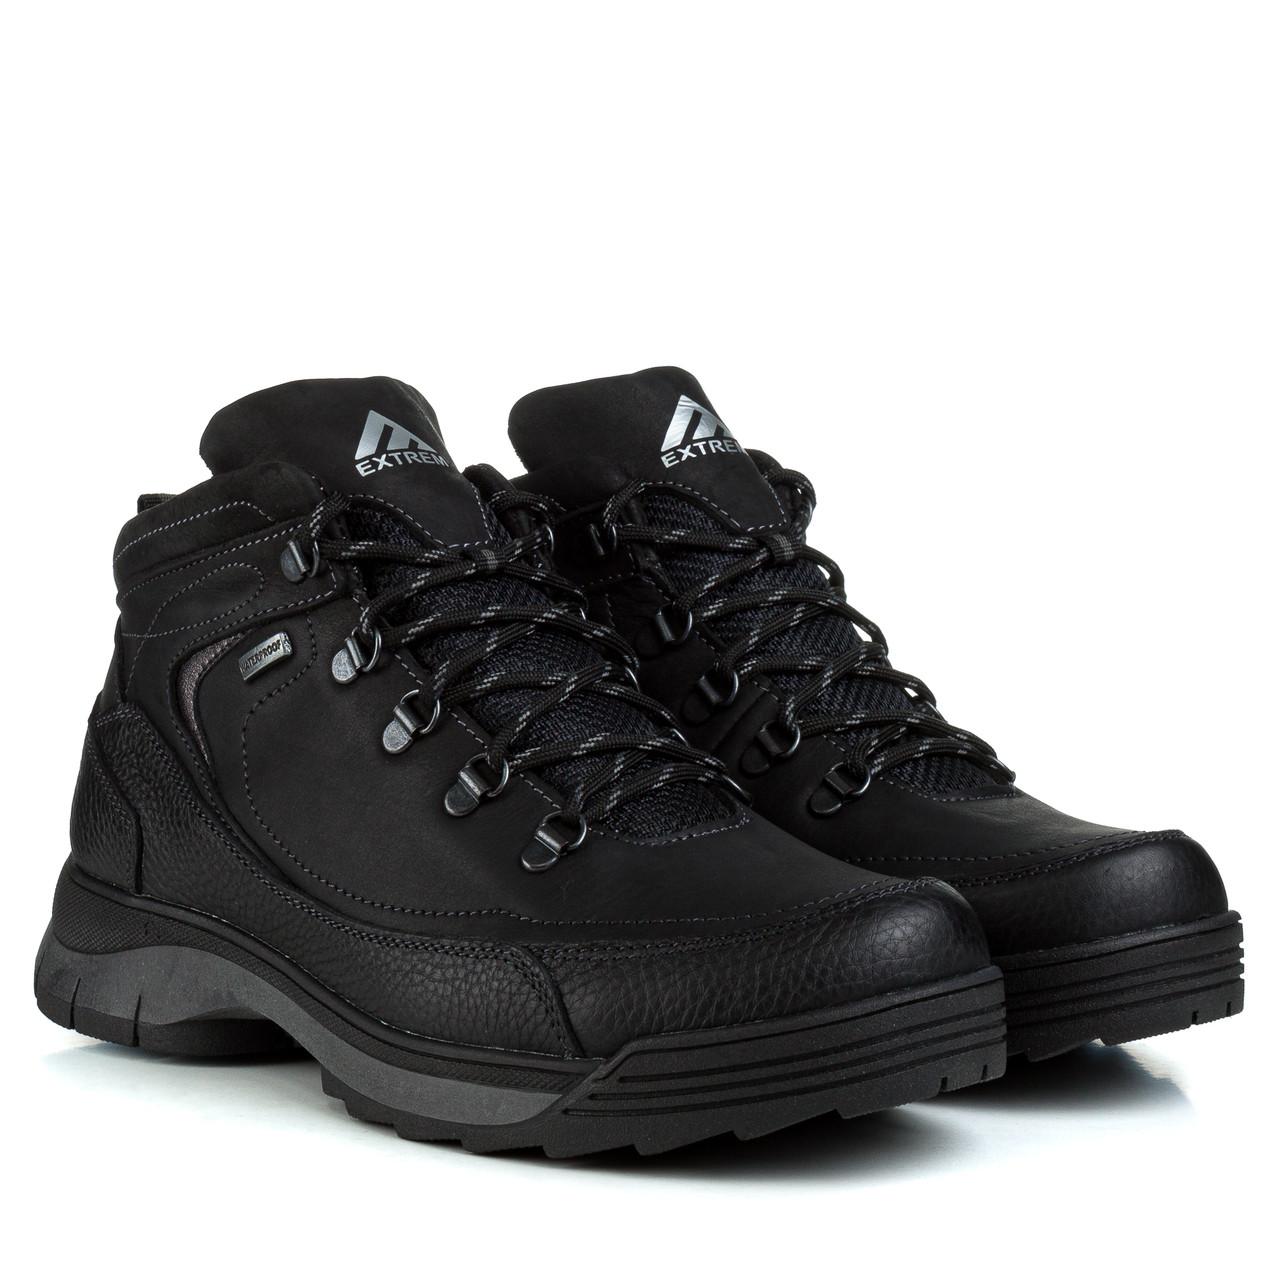 Ботинки мужские EXTREM (кожаные, стильные, модные, удобные)